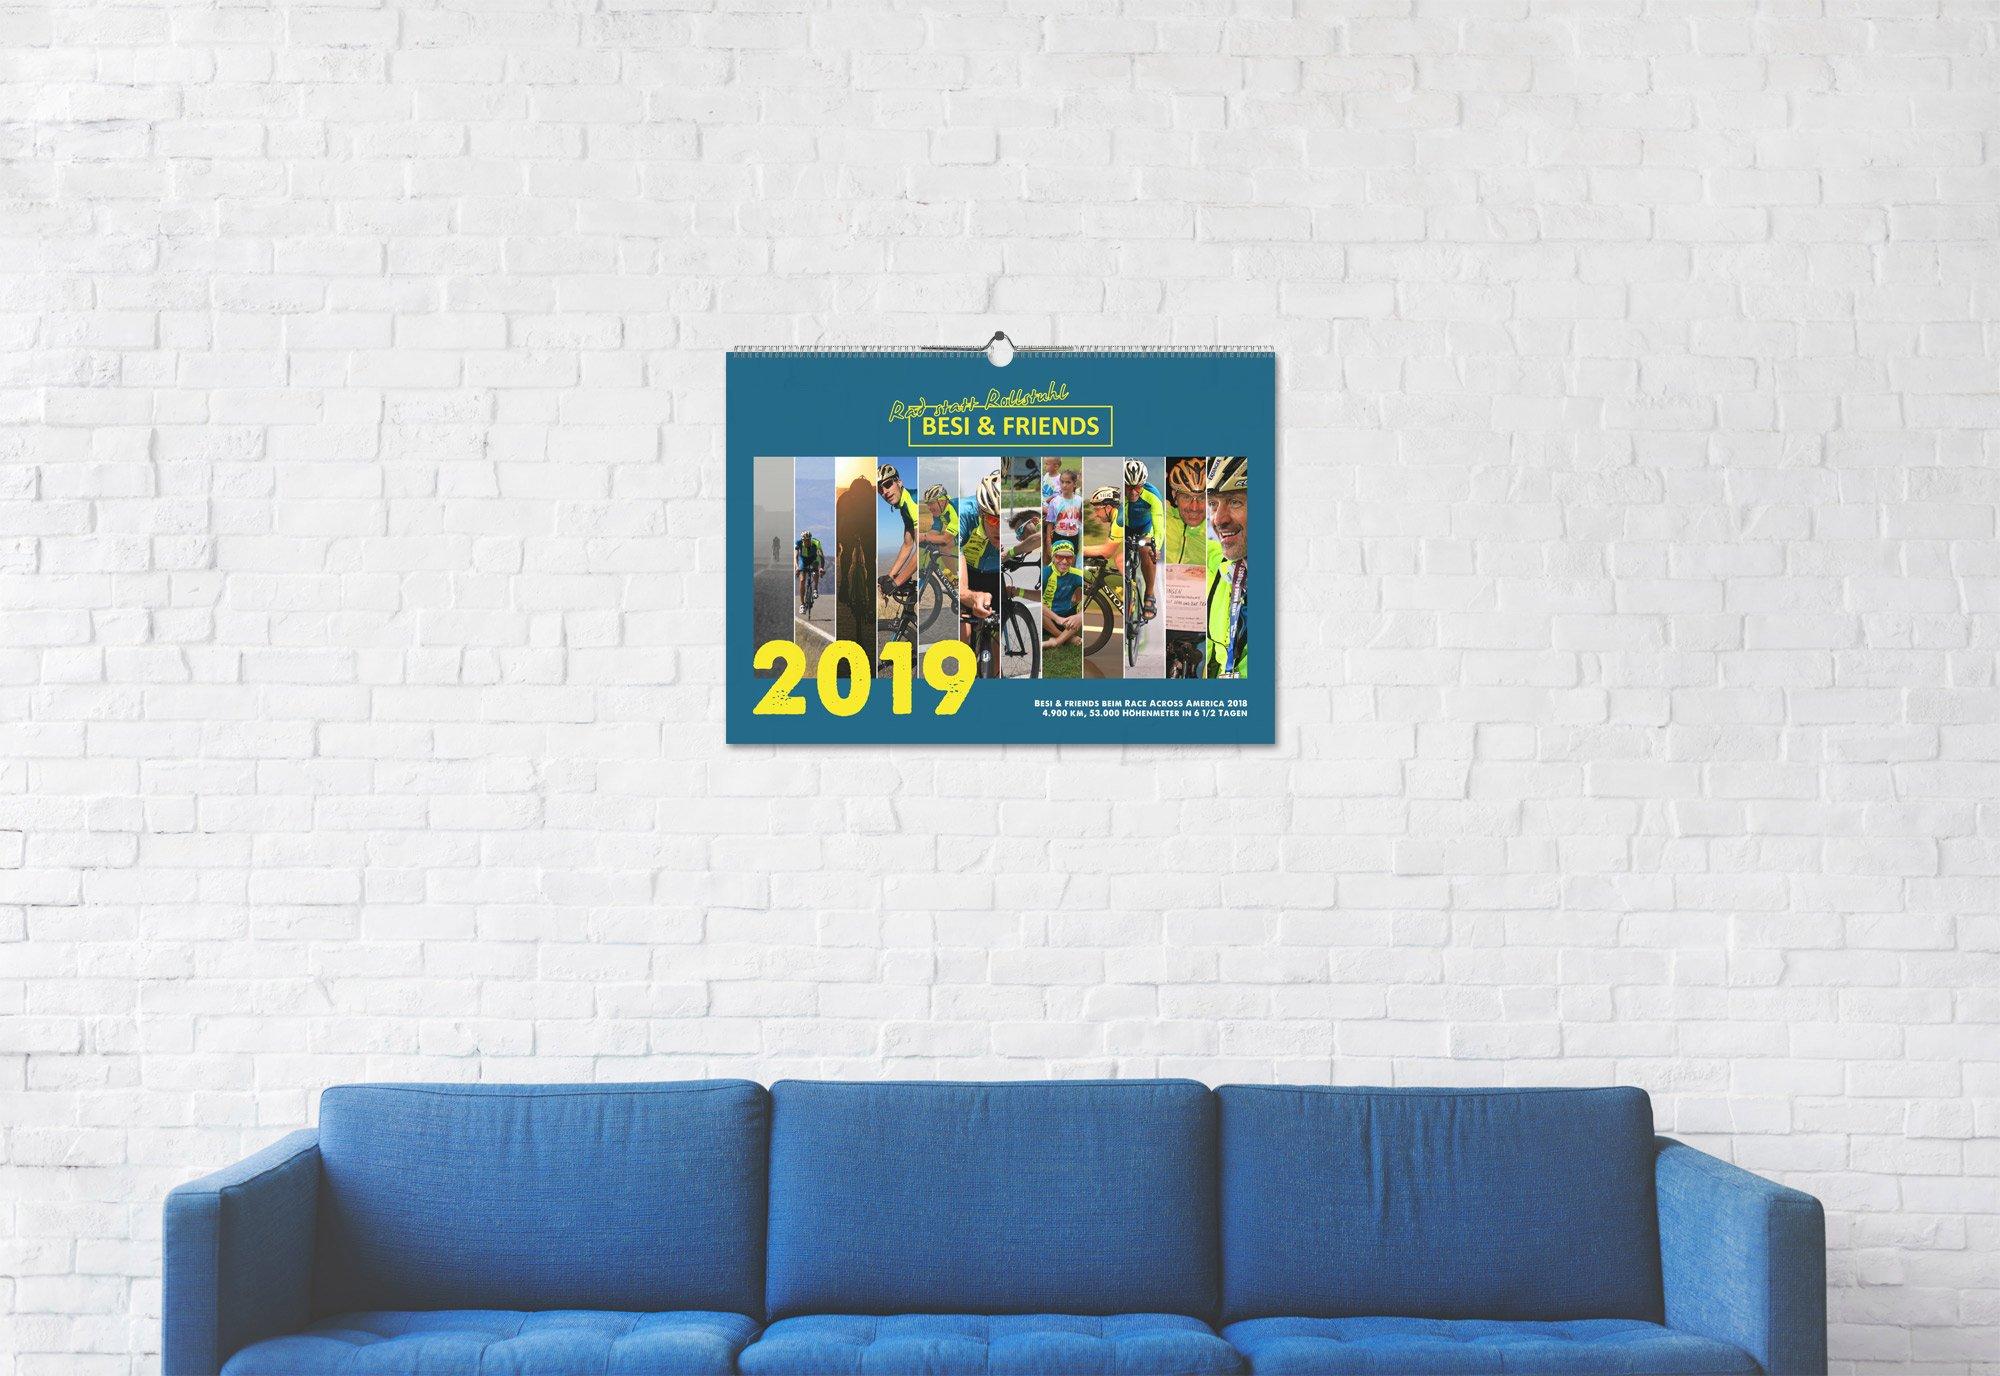 Besi&Friends Kalender 2019